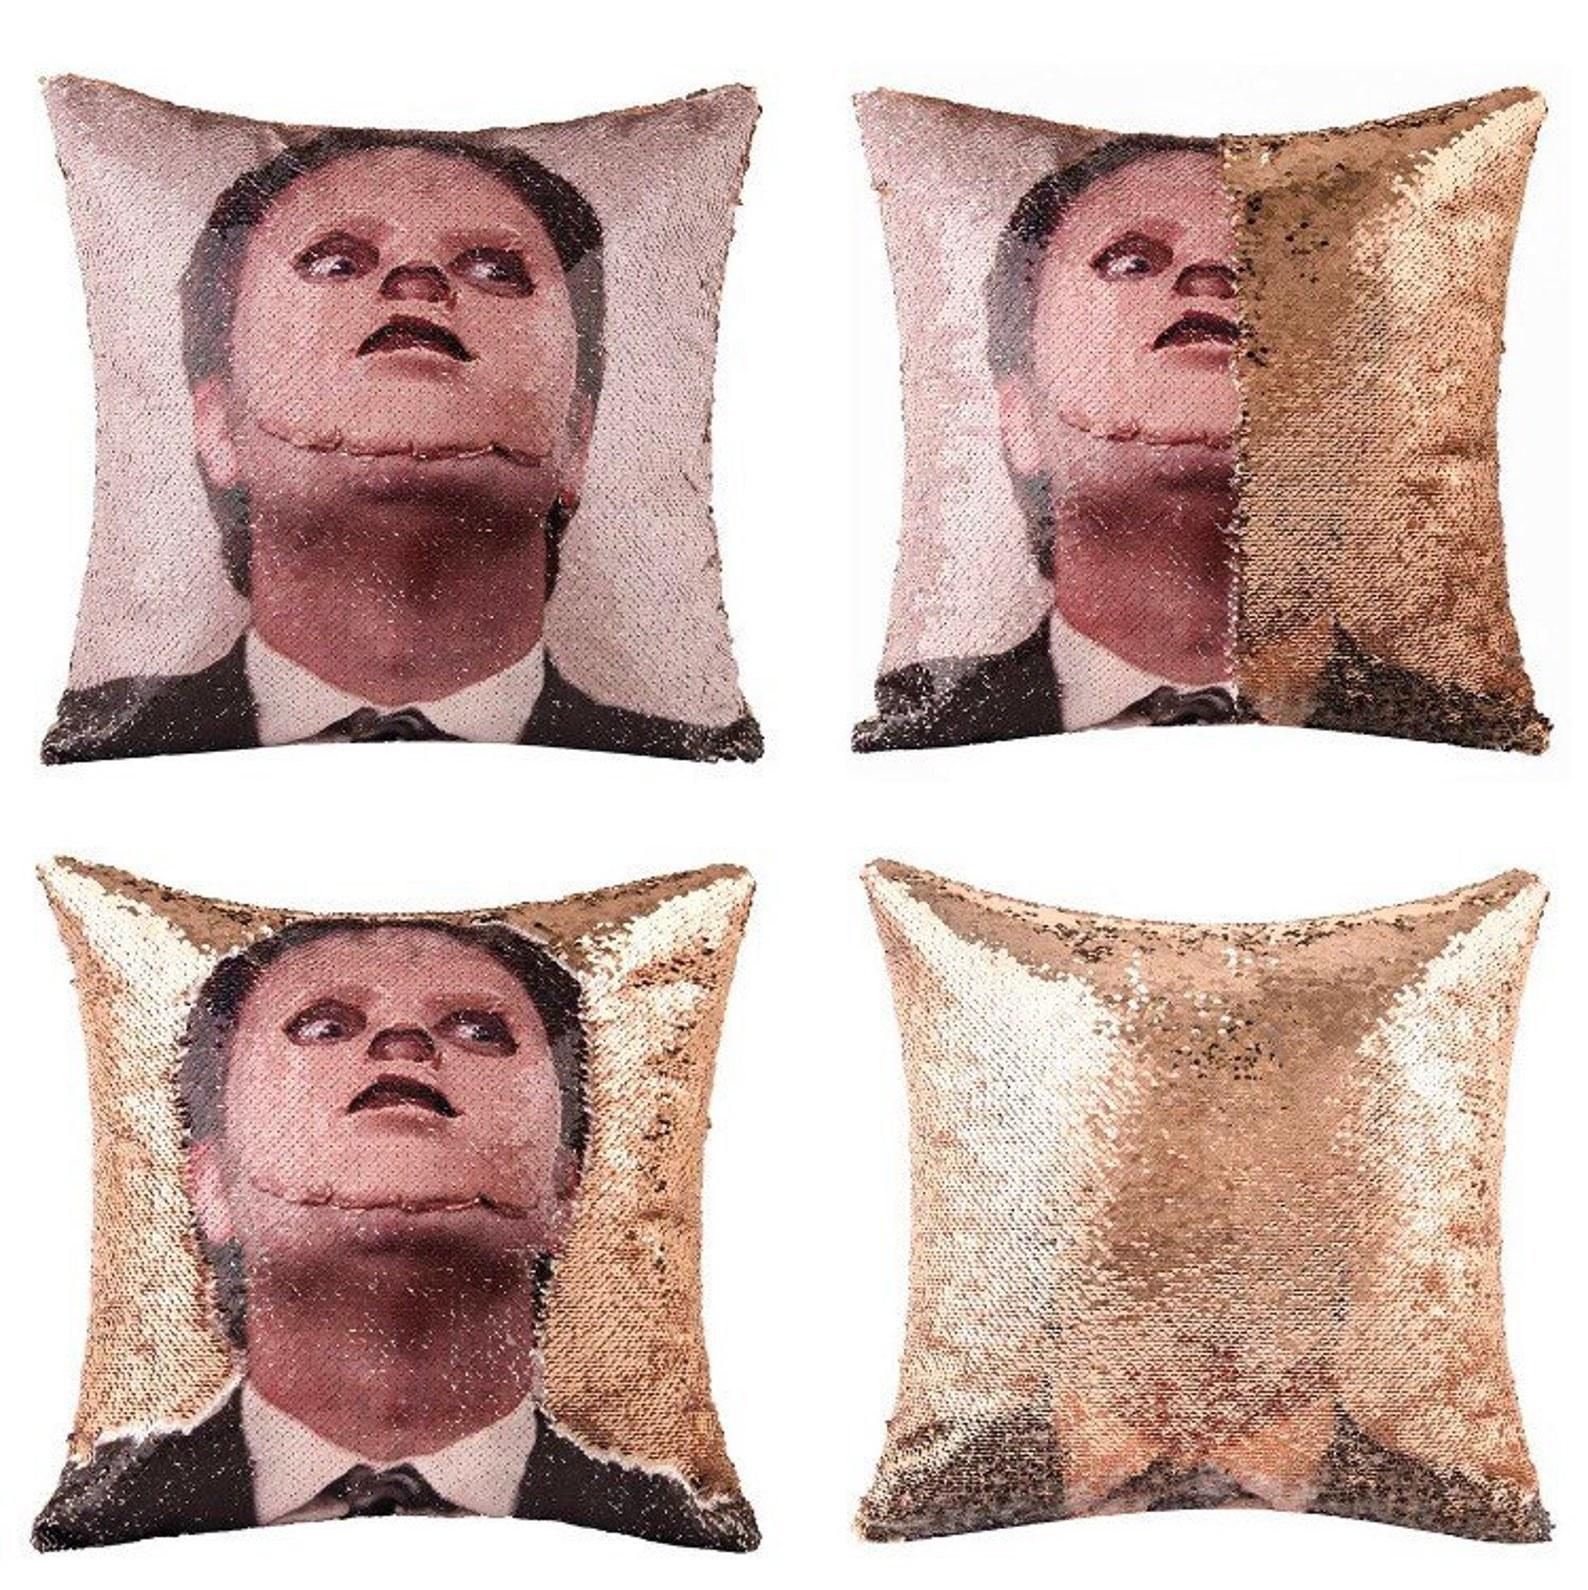 dwight schrute sequin pillow